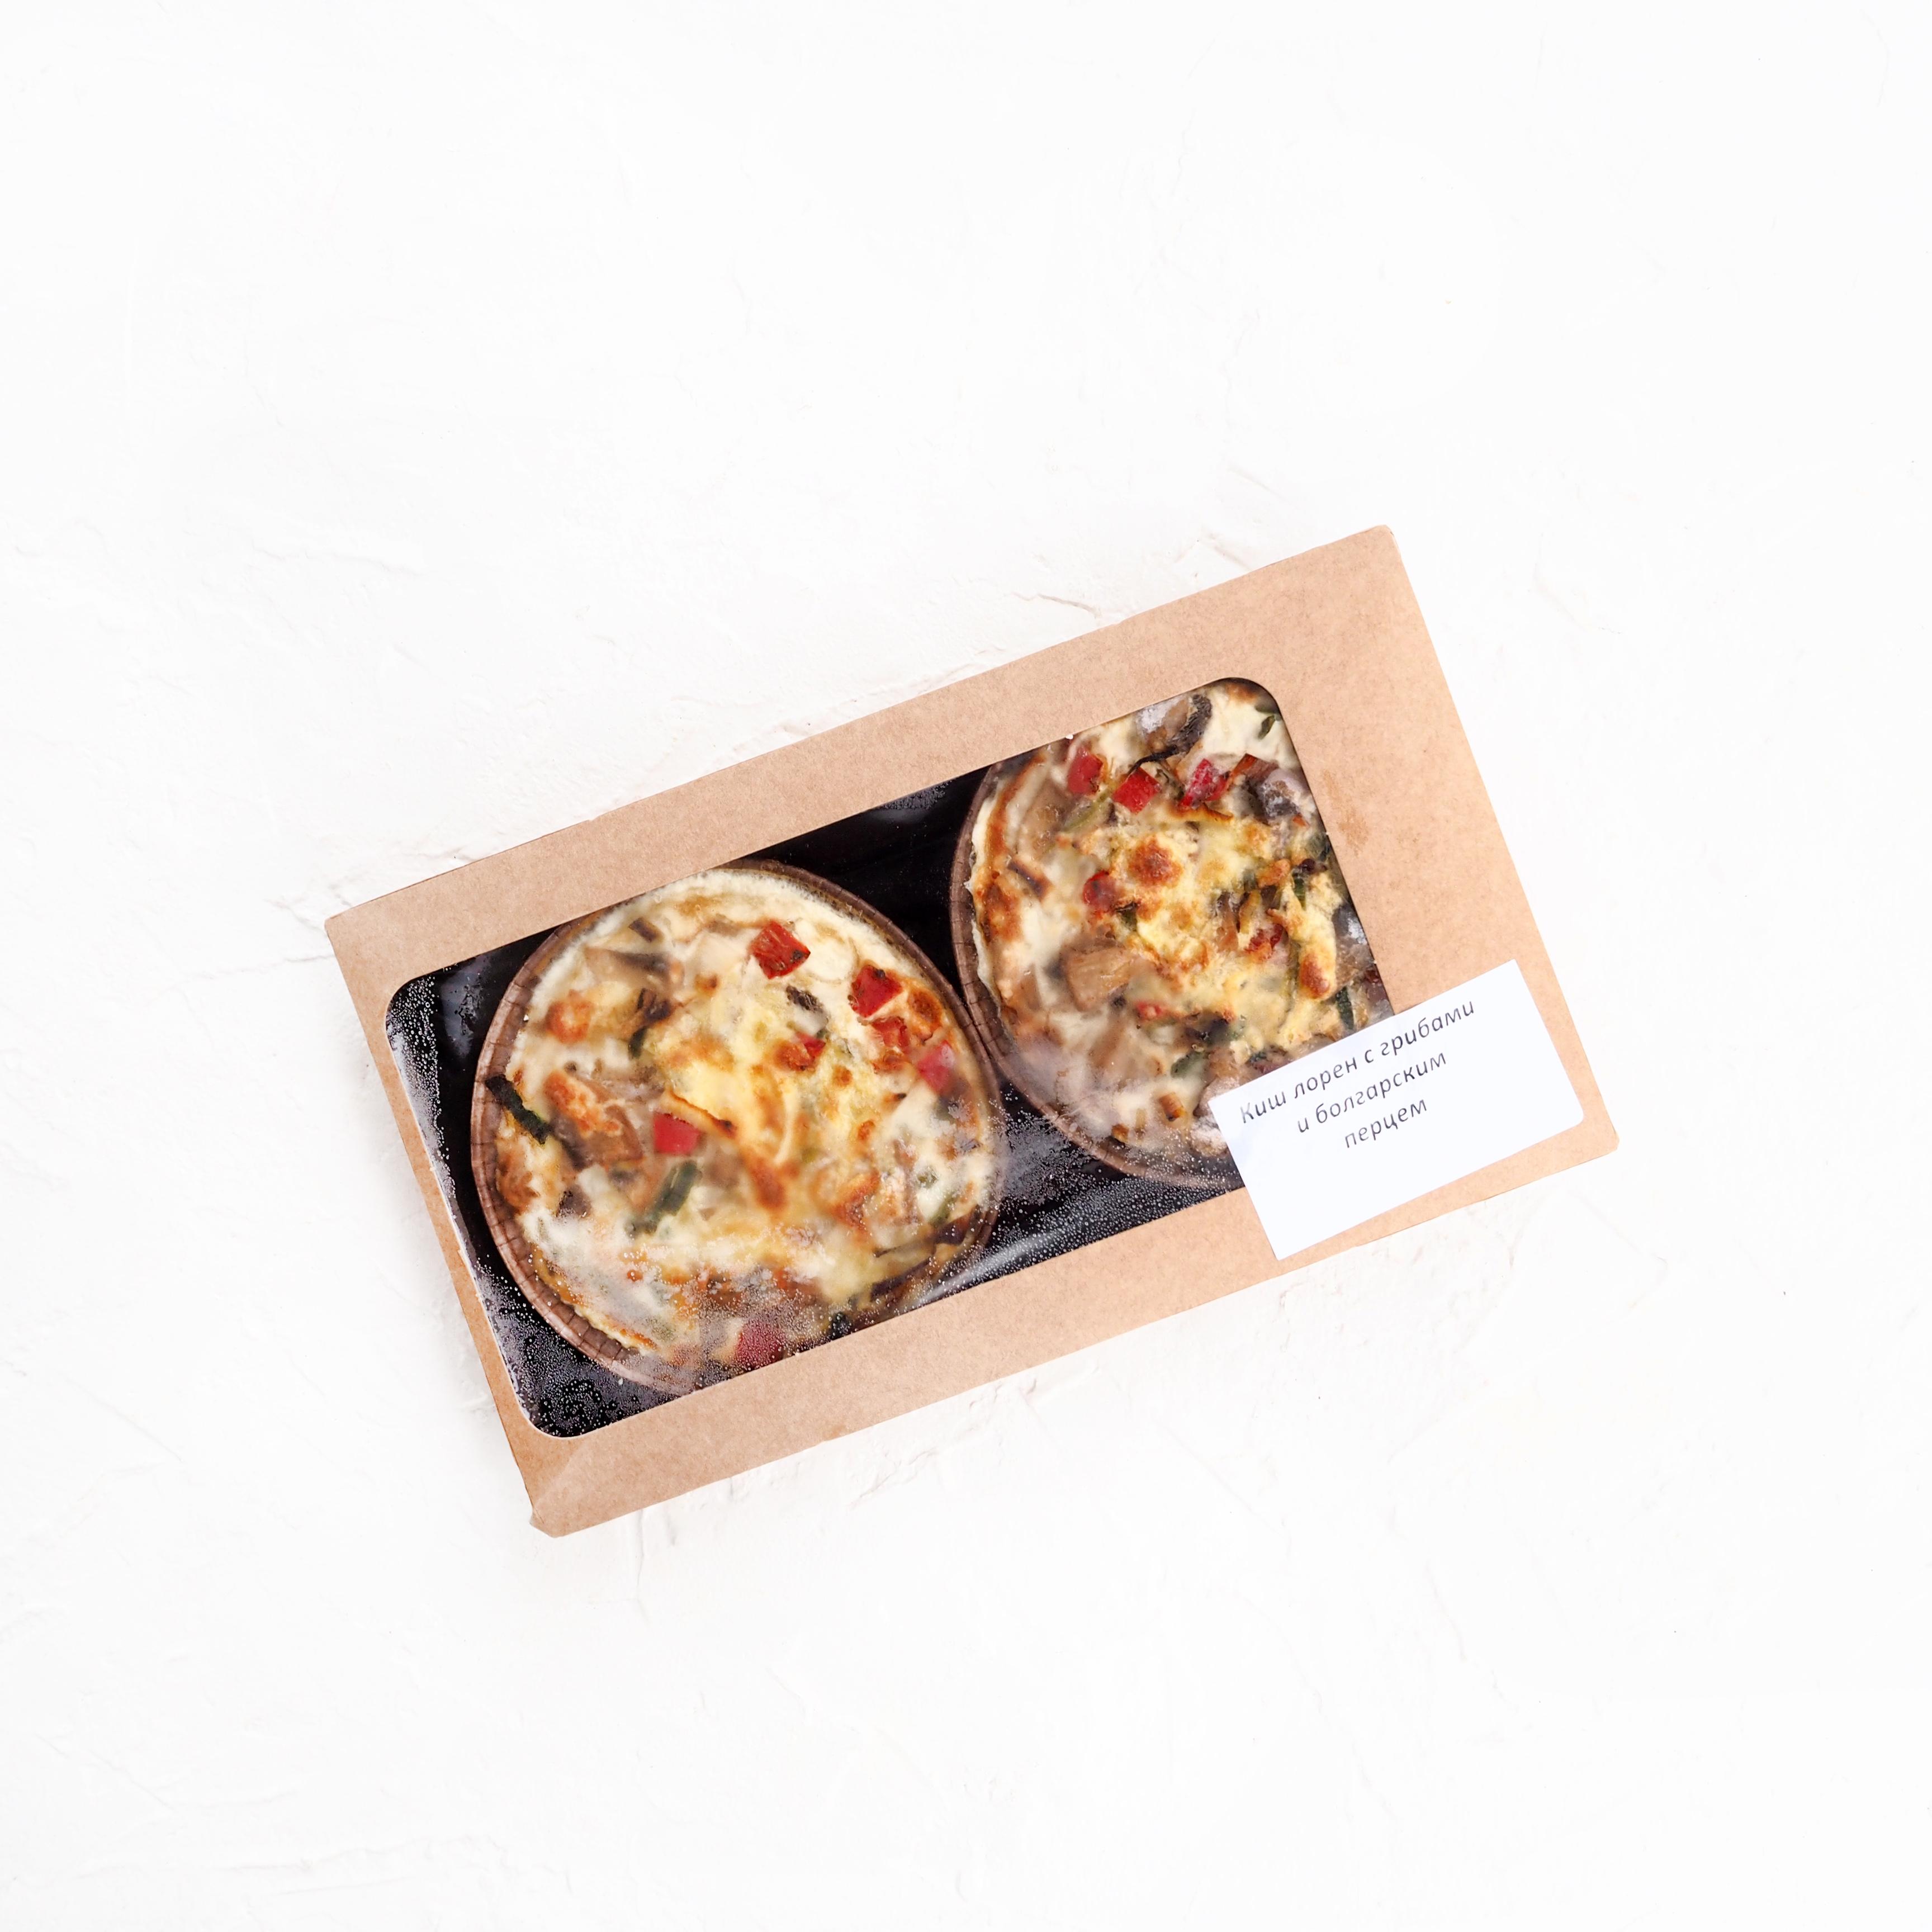 Киш лорен с грибами и болгарским перцем (2 шт., 350 г)